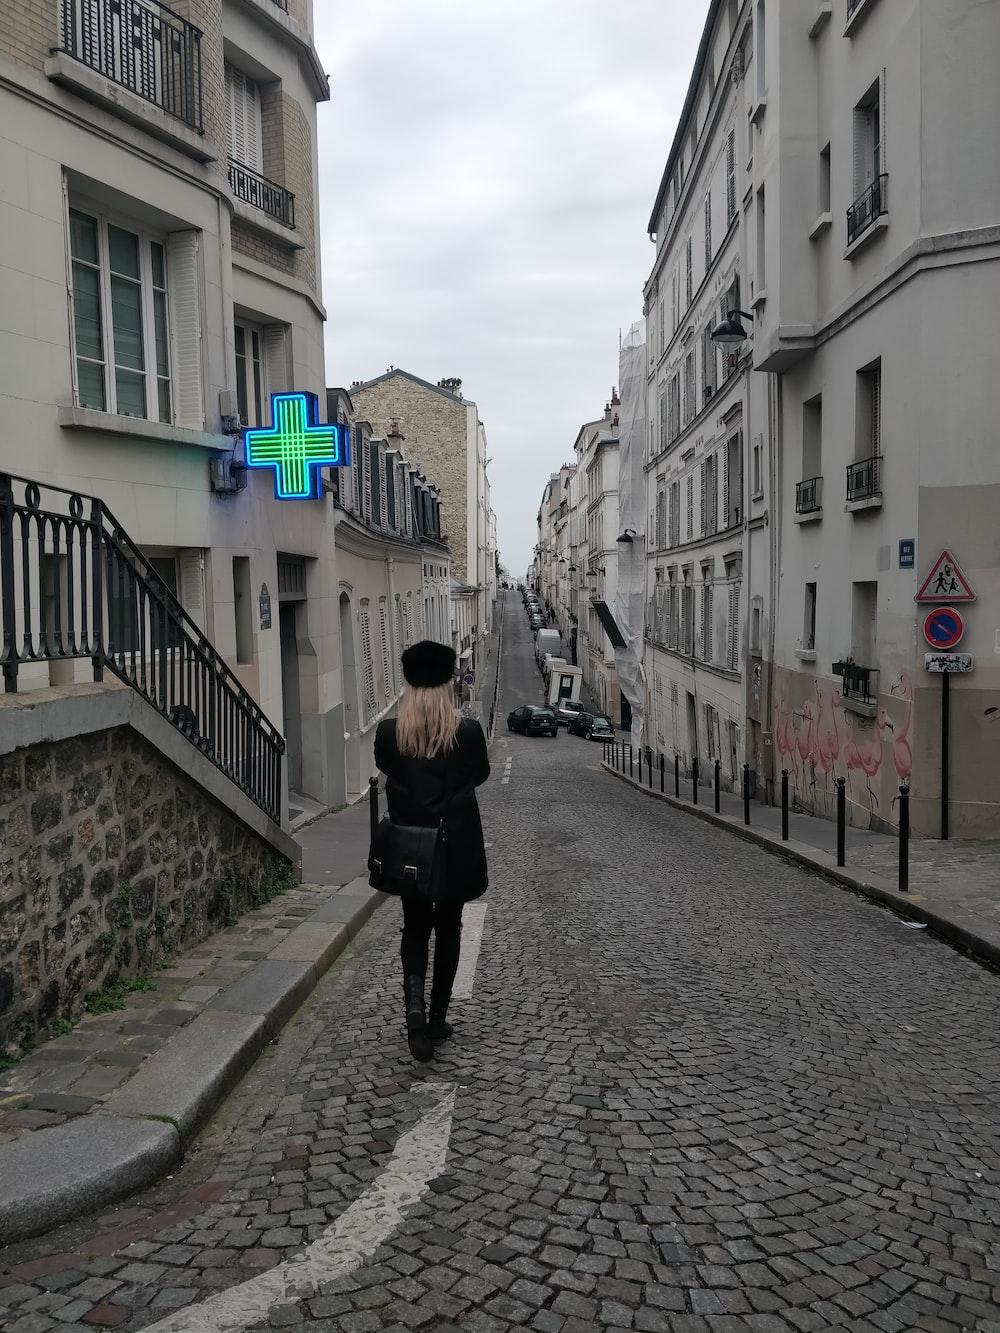 woman in black coat walking in alley